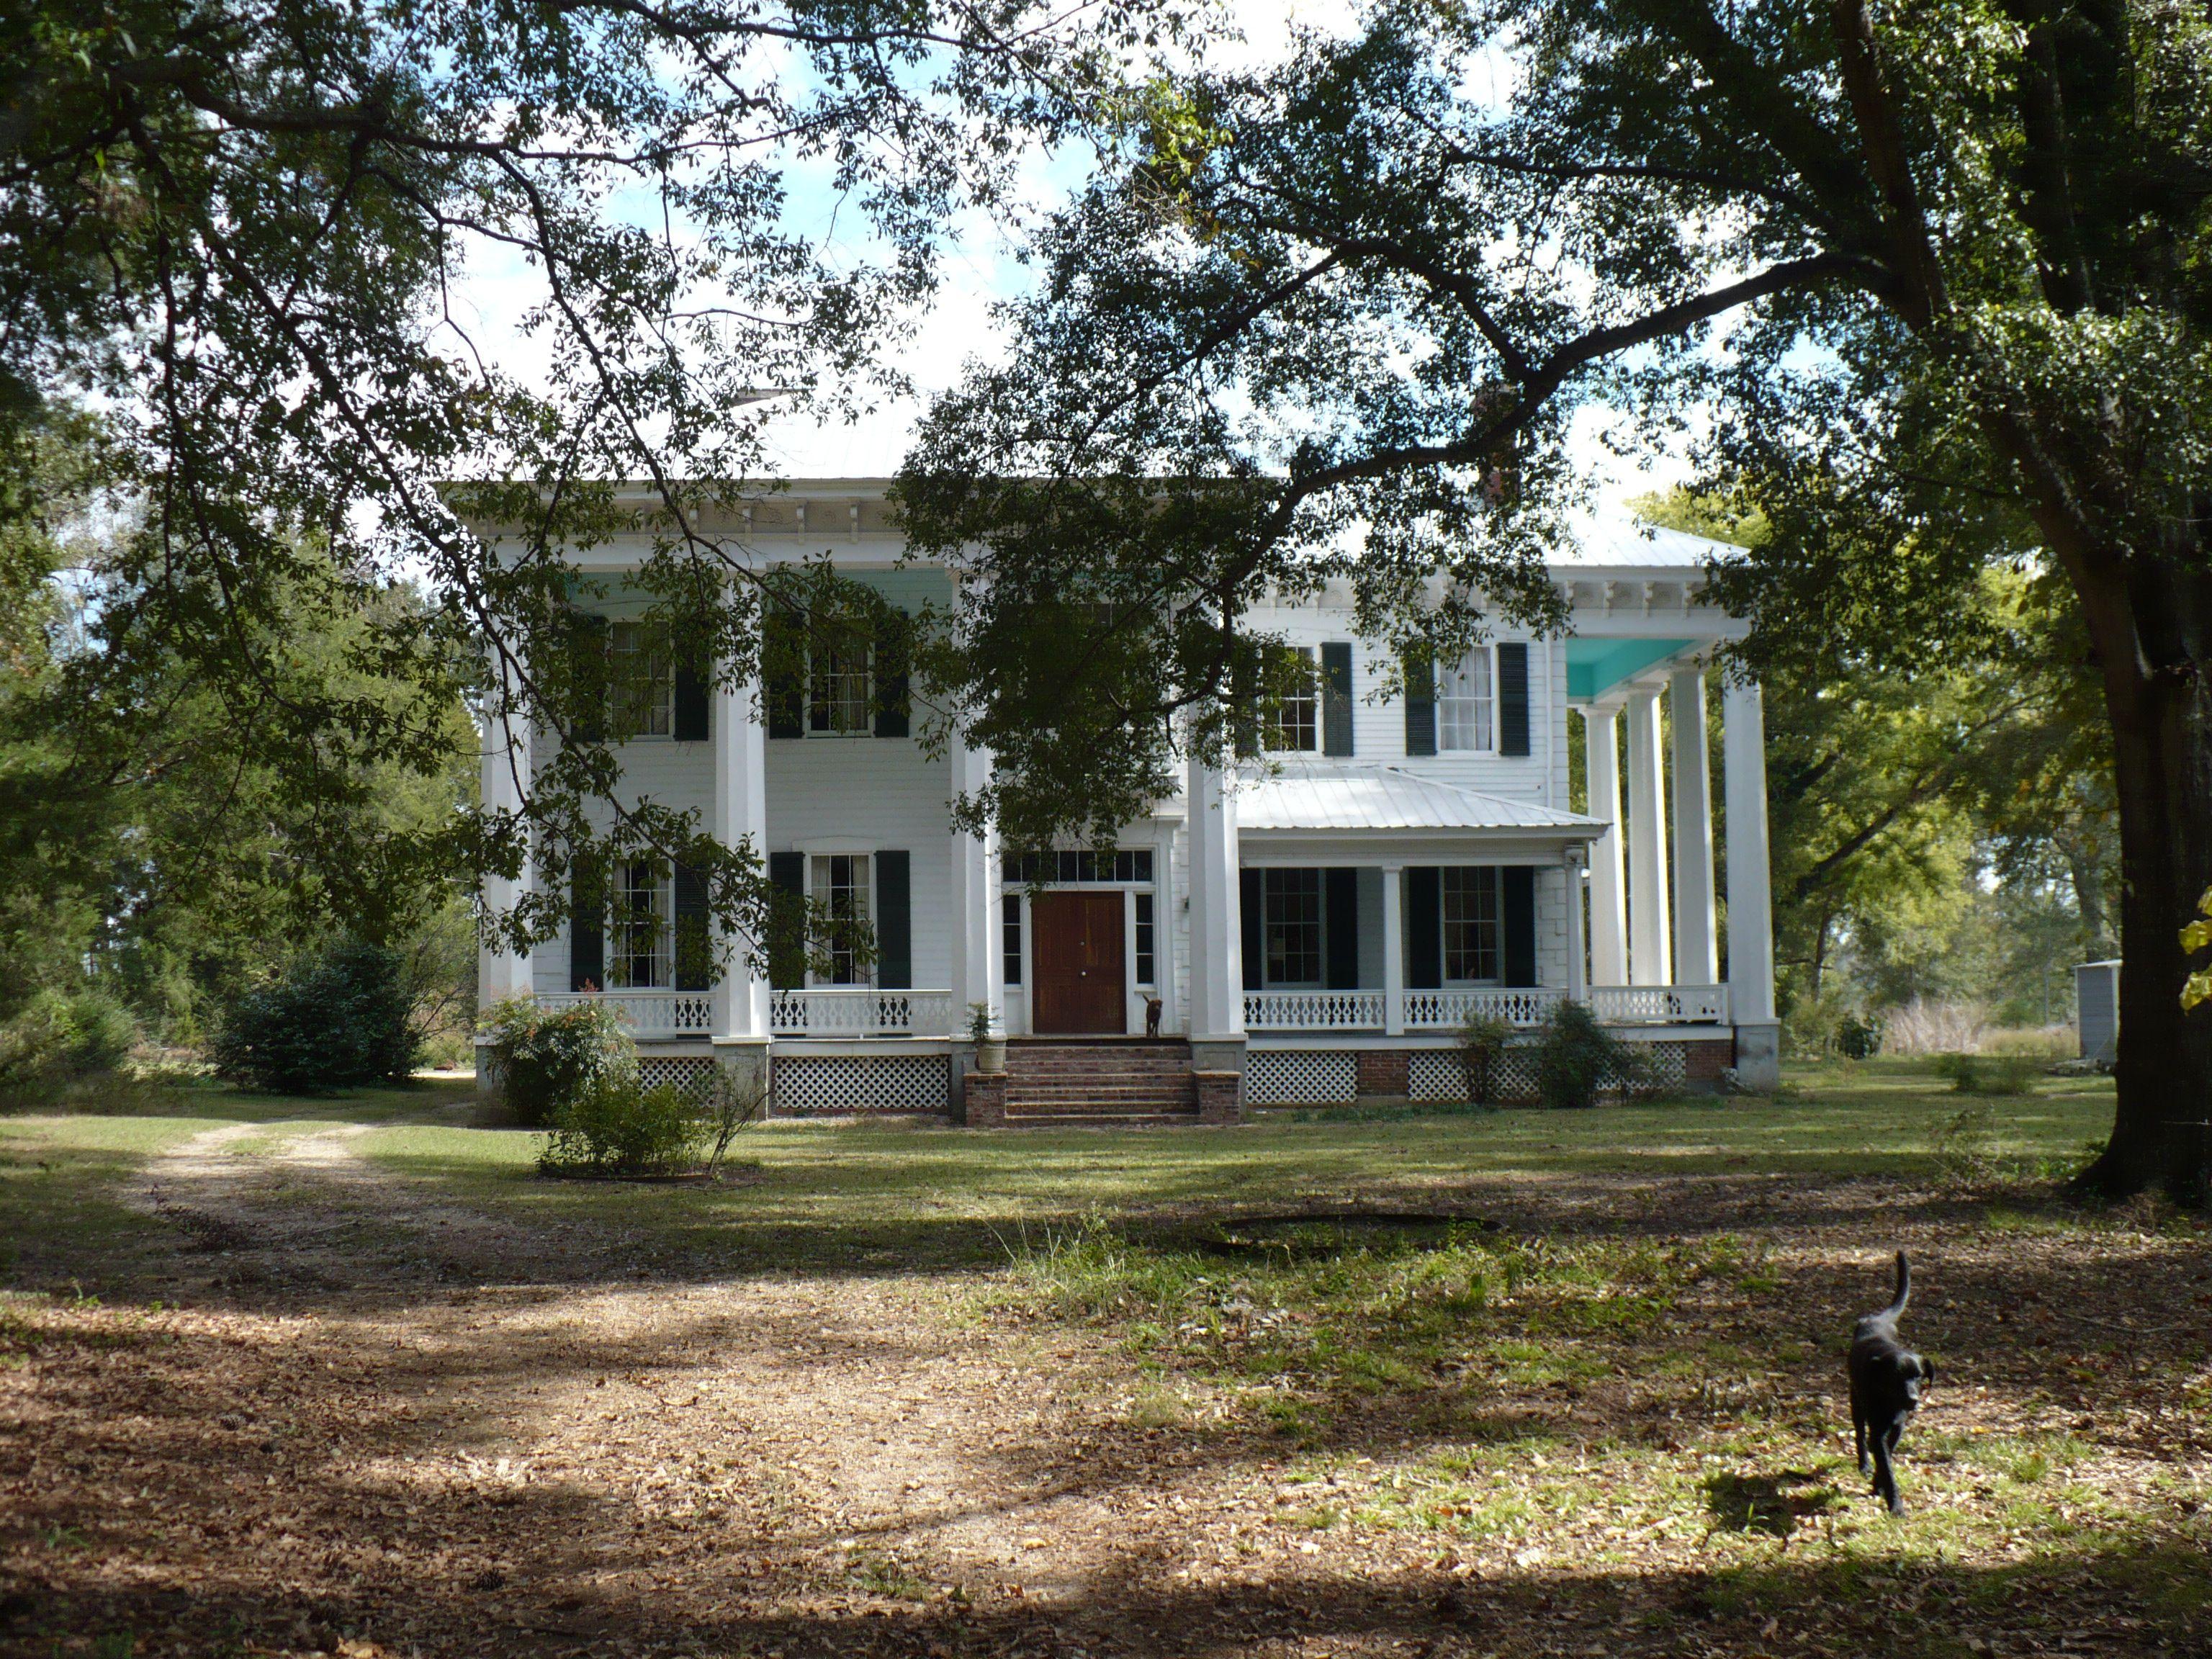 Alabama wilcox county catherine - White Columns Plantation Tait Starr House Near Camden Wilcox County Alabama